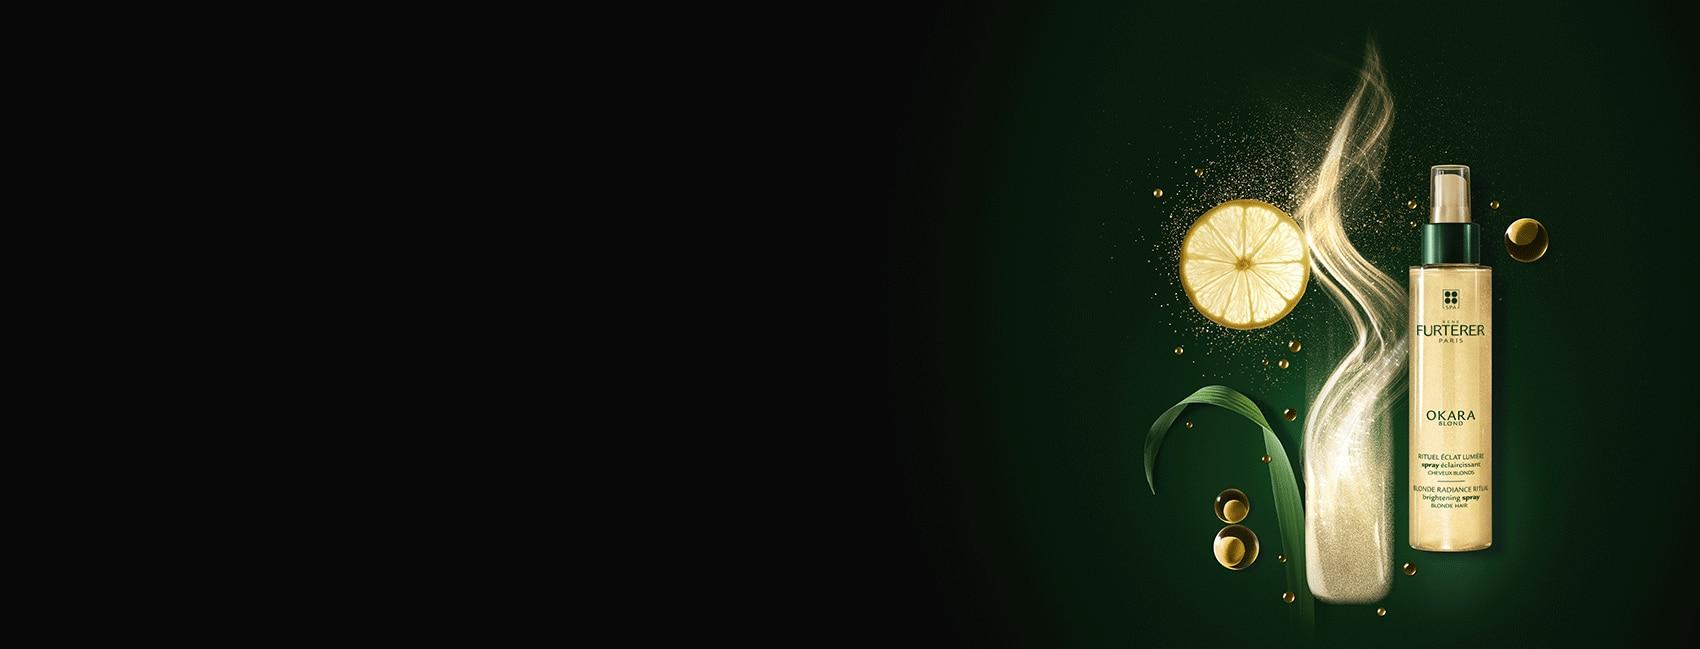 OKARA BLOND - O ritual iluminador - cabelos louros naturais, com madeixas ou pintados | René Furterer